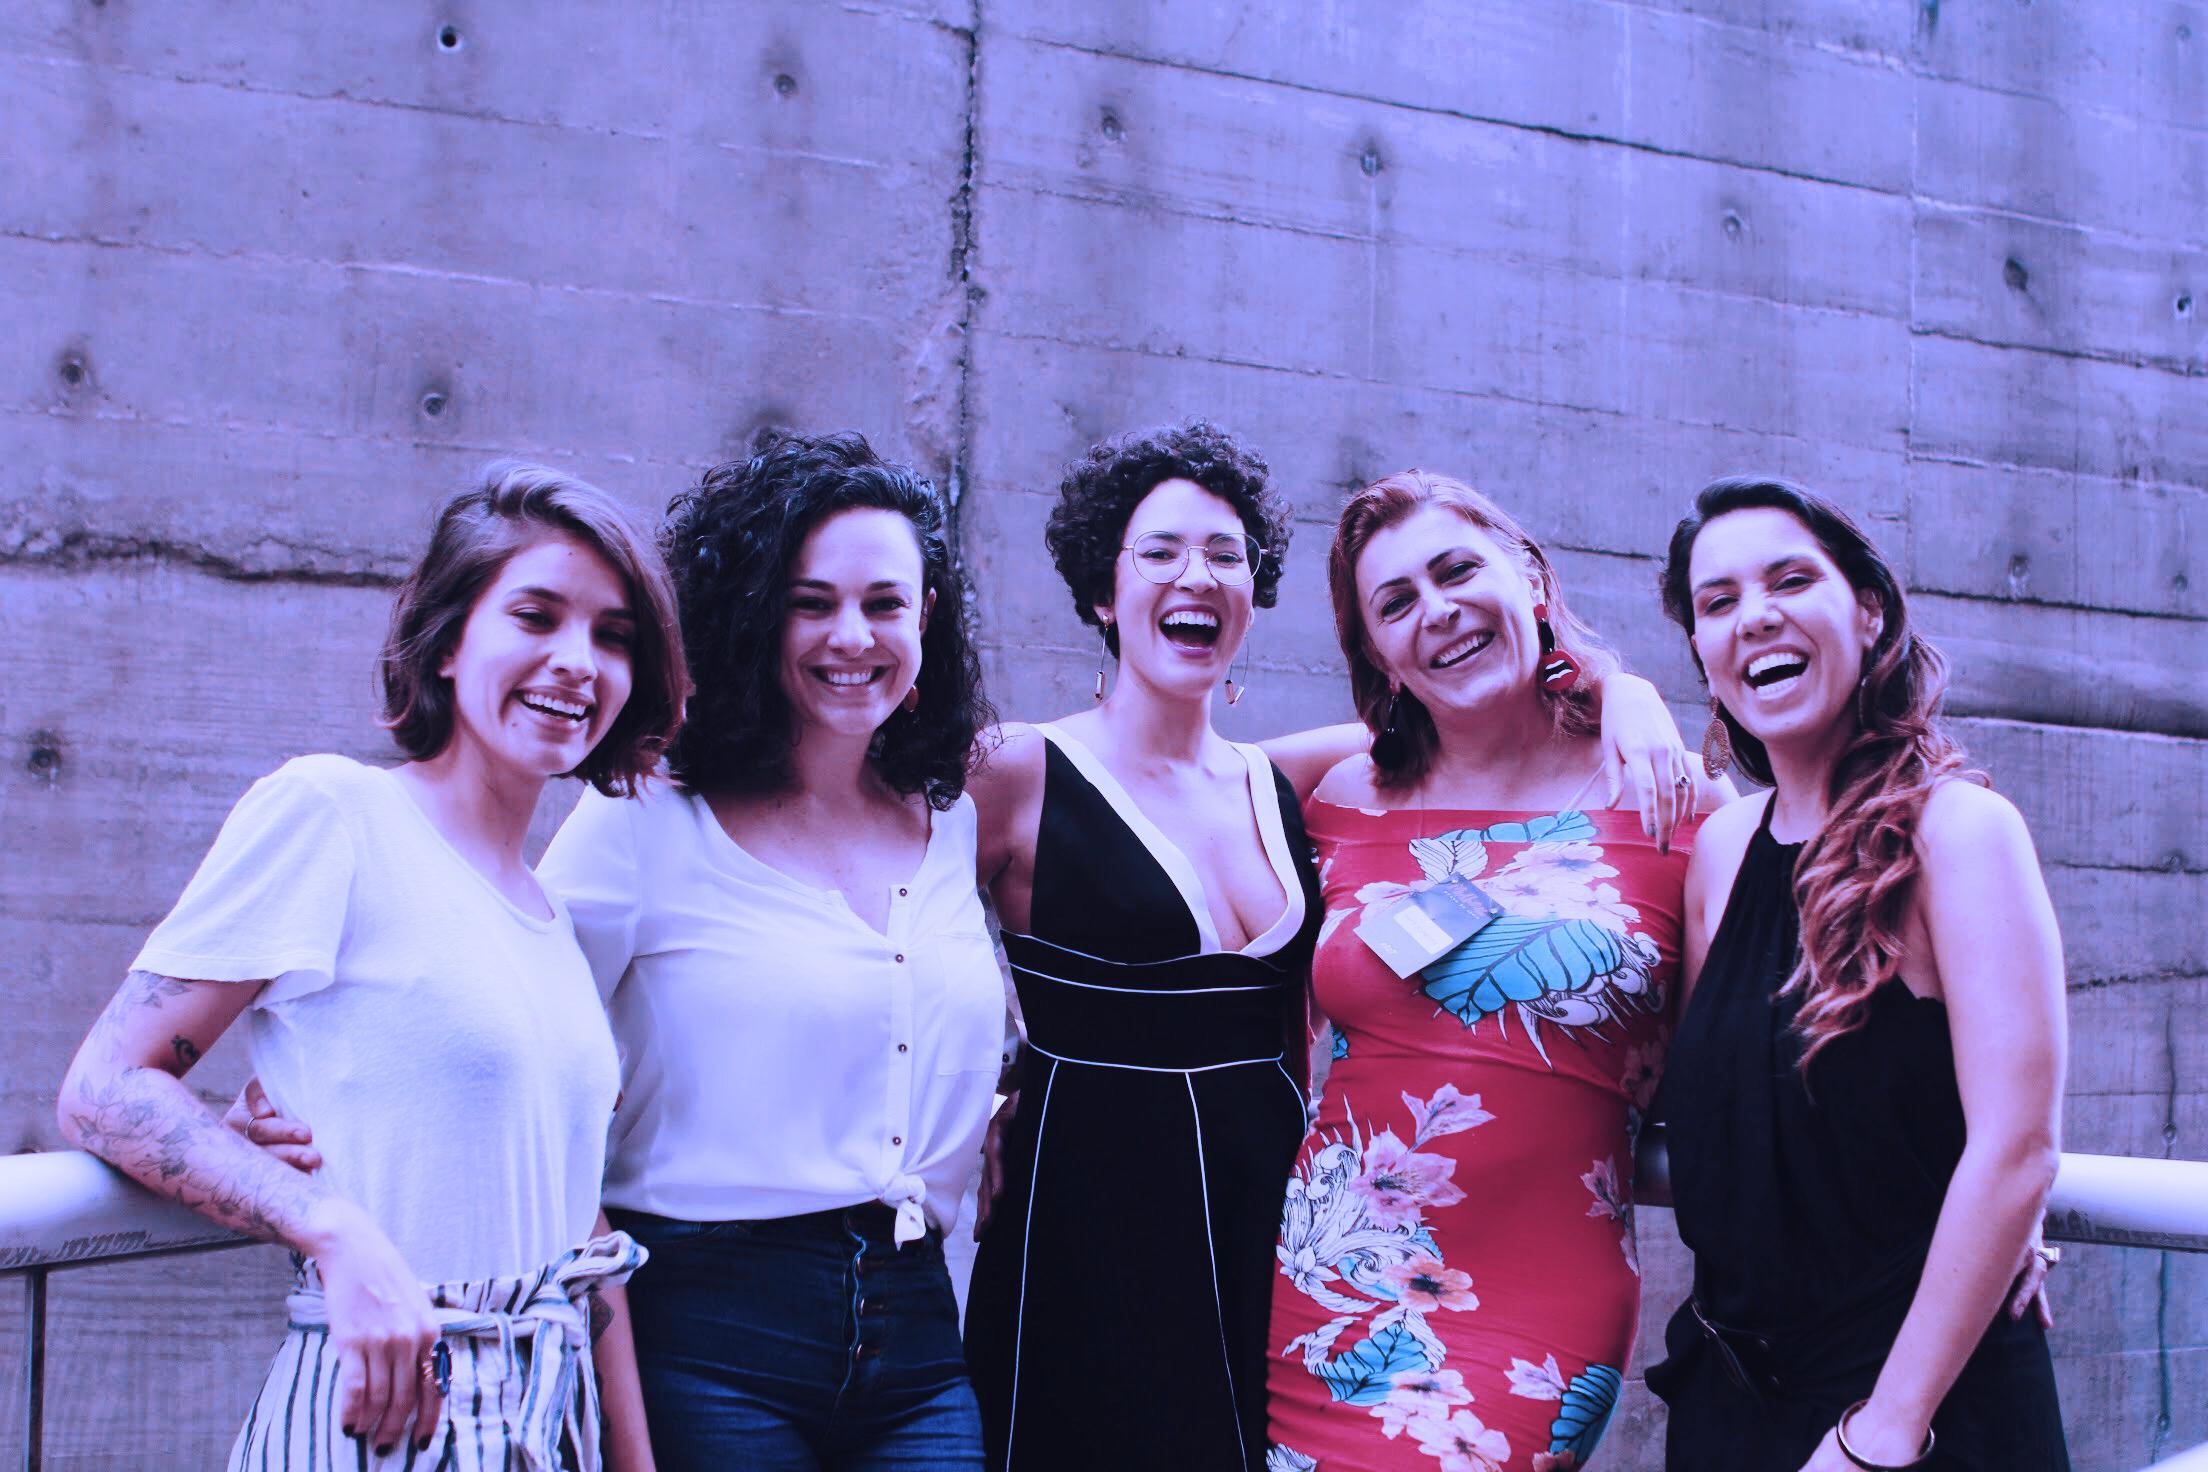 Isadora Ribeiro do Na Nossa Vida, Isabella Ianelli do Curso das Emoções, Mayara Castro da WMN, Maite Schneider, da Transempregos e Nathália Raggi, do ELo7. Foto: Renata Monteiro